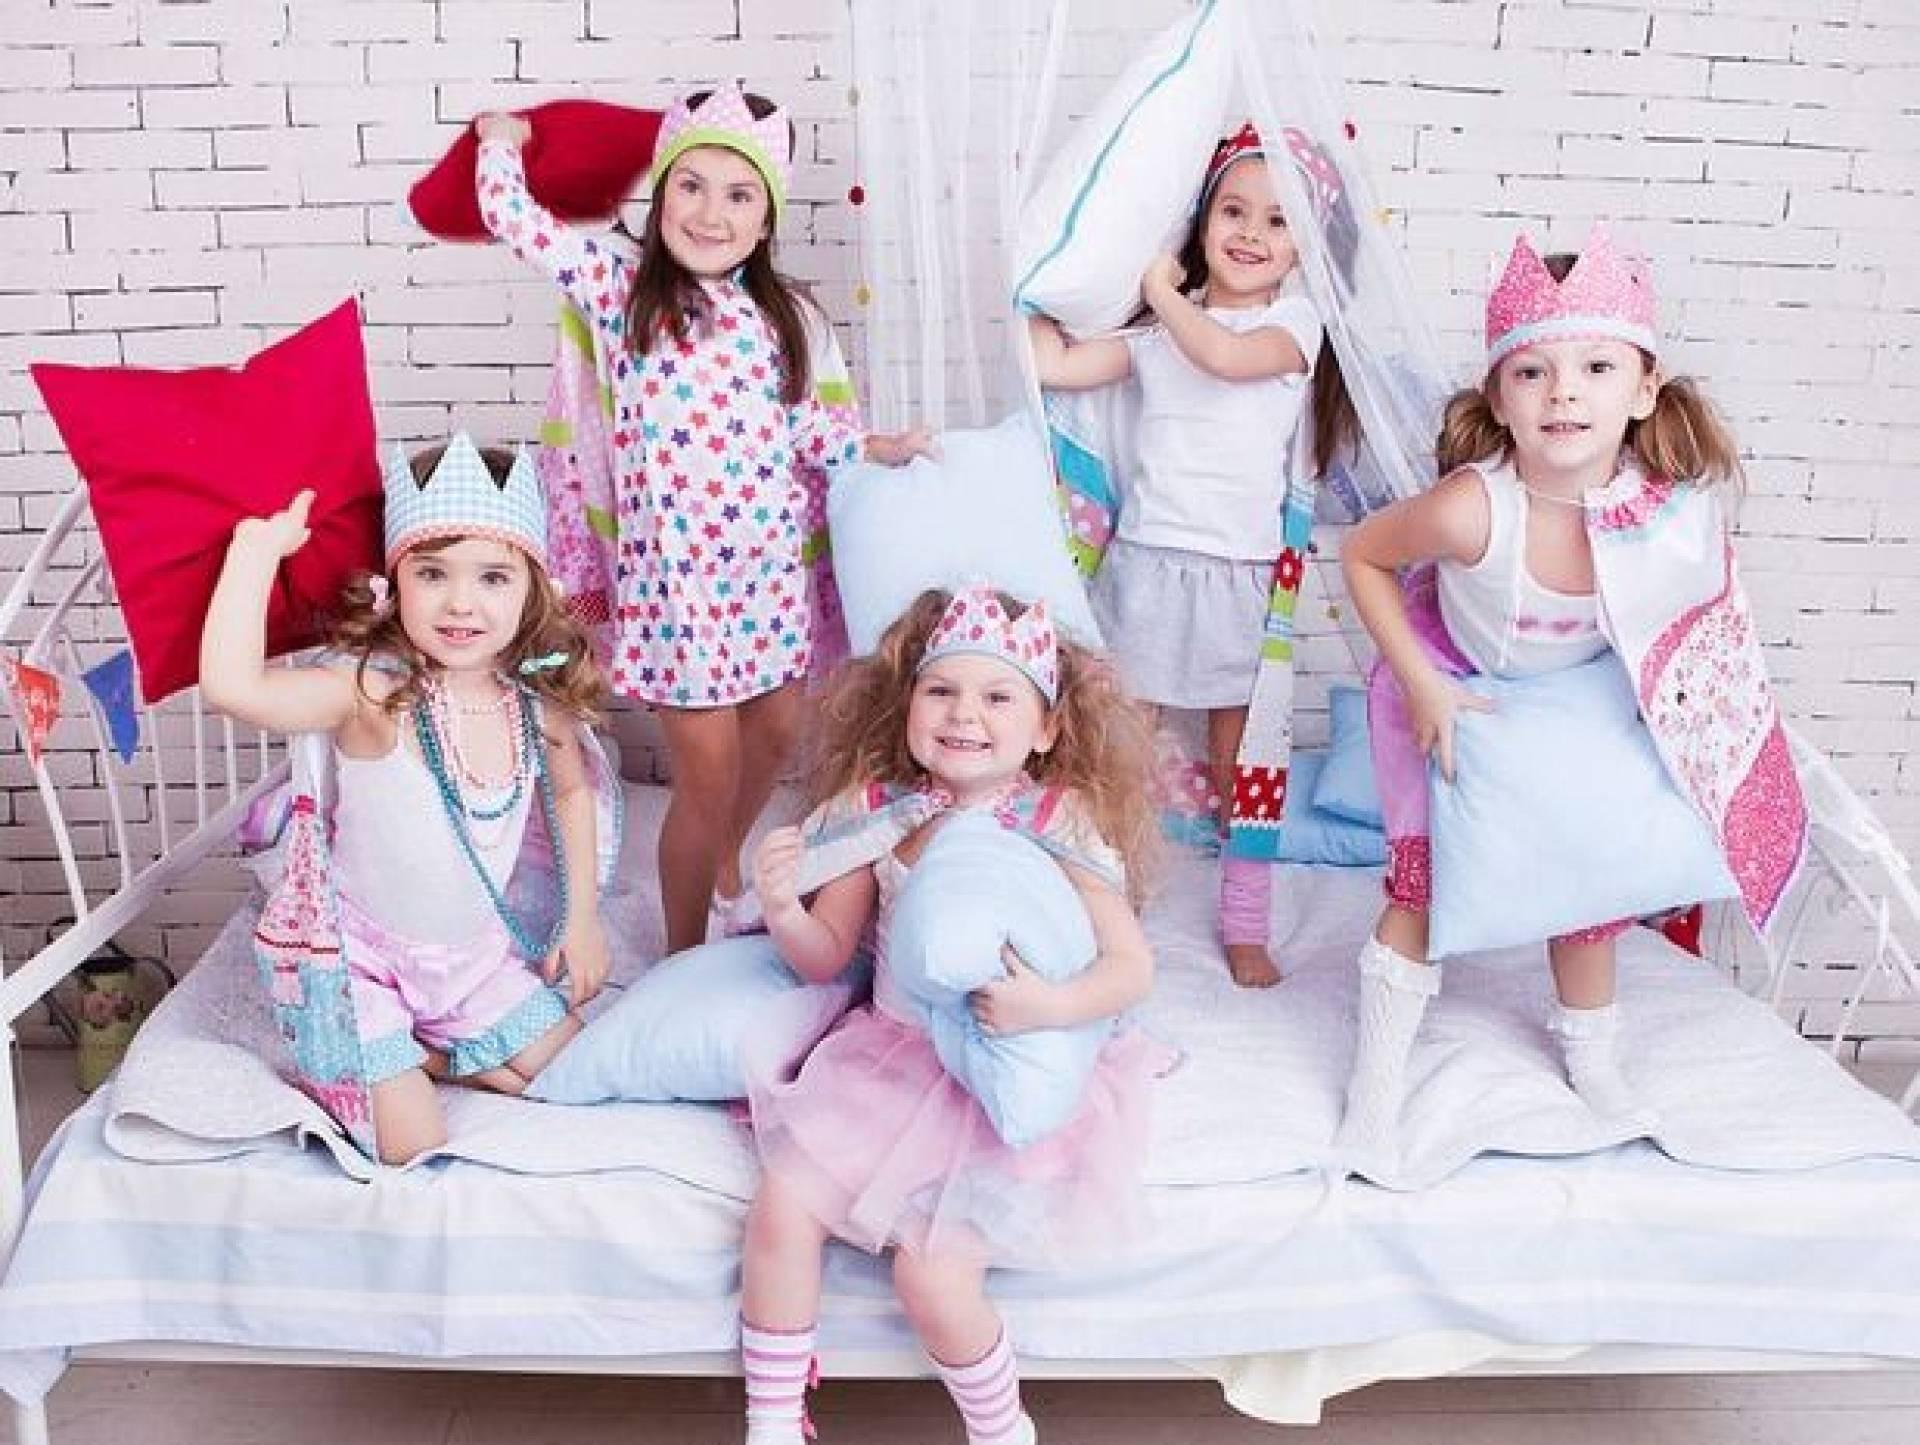 справить день рождения в пижамном стиле фото подсознательном уровне понимаем